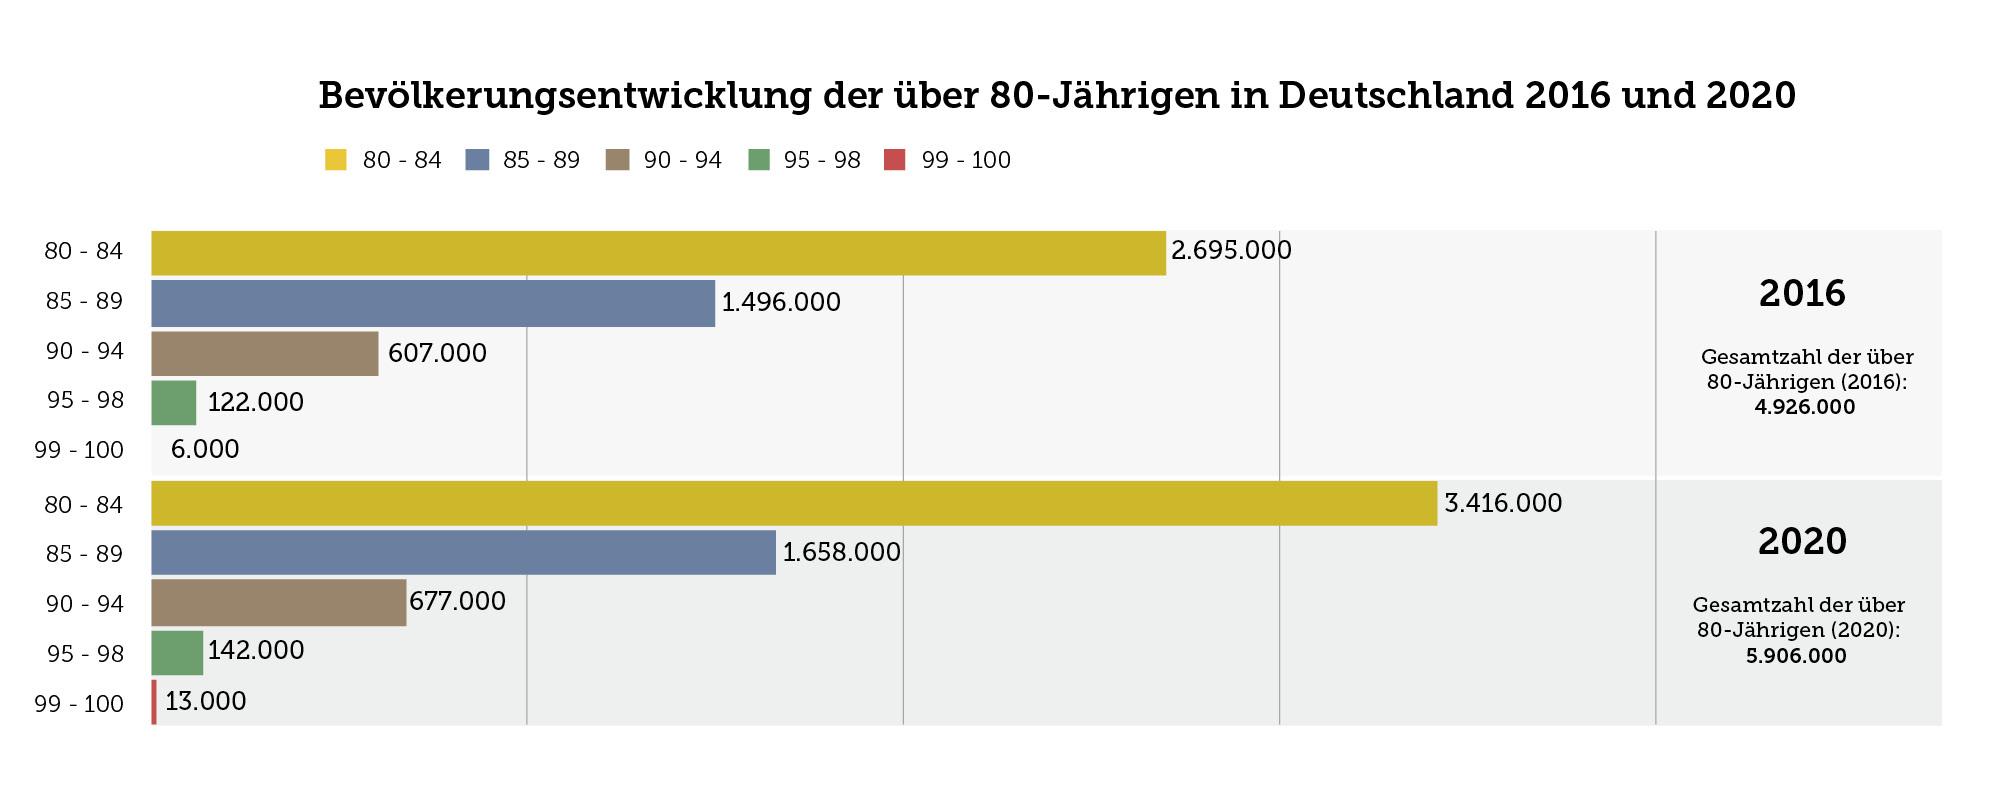 Die Grafik zeigt die Bevölkerungsentwicklung der über 80-Jährigen in Deutschland 2016 und 2020